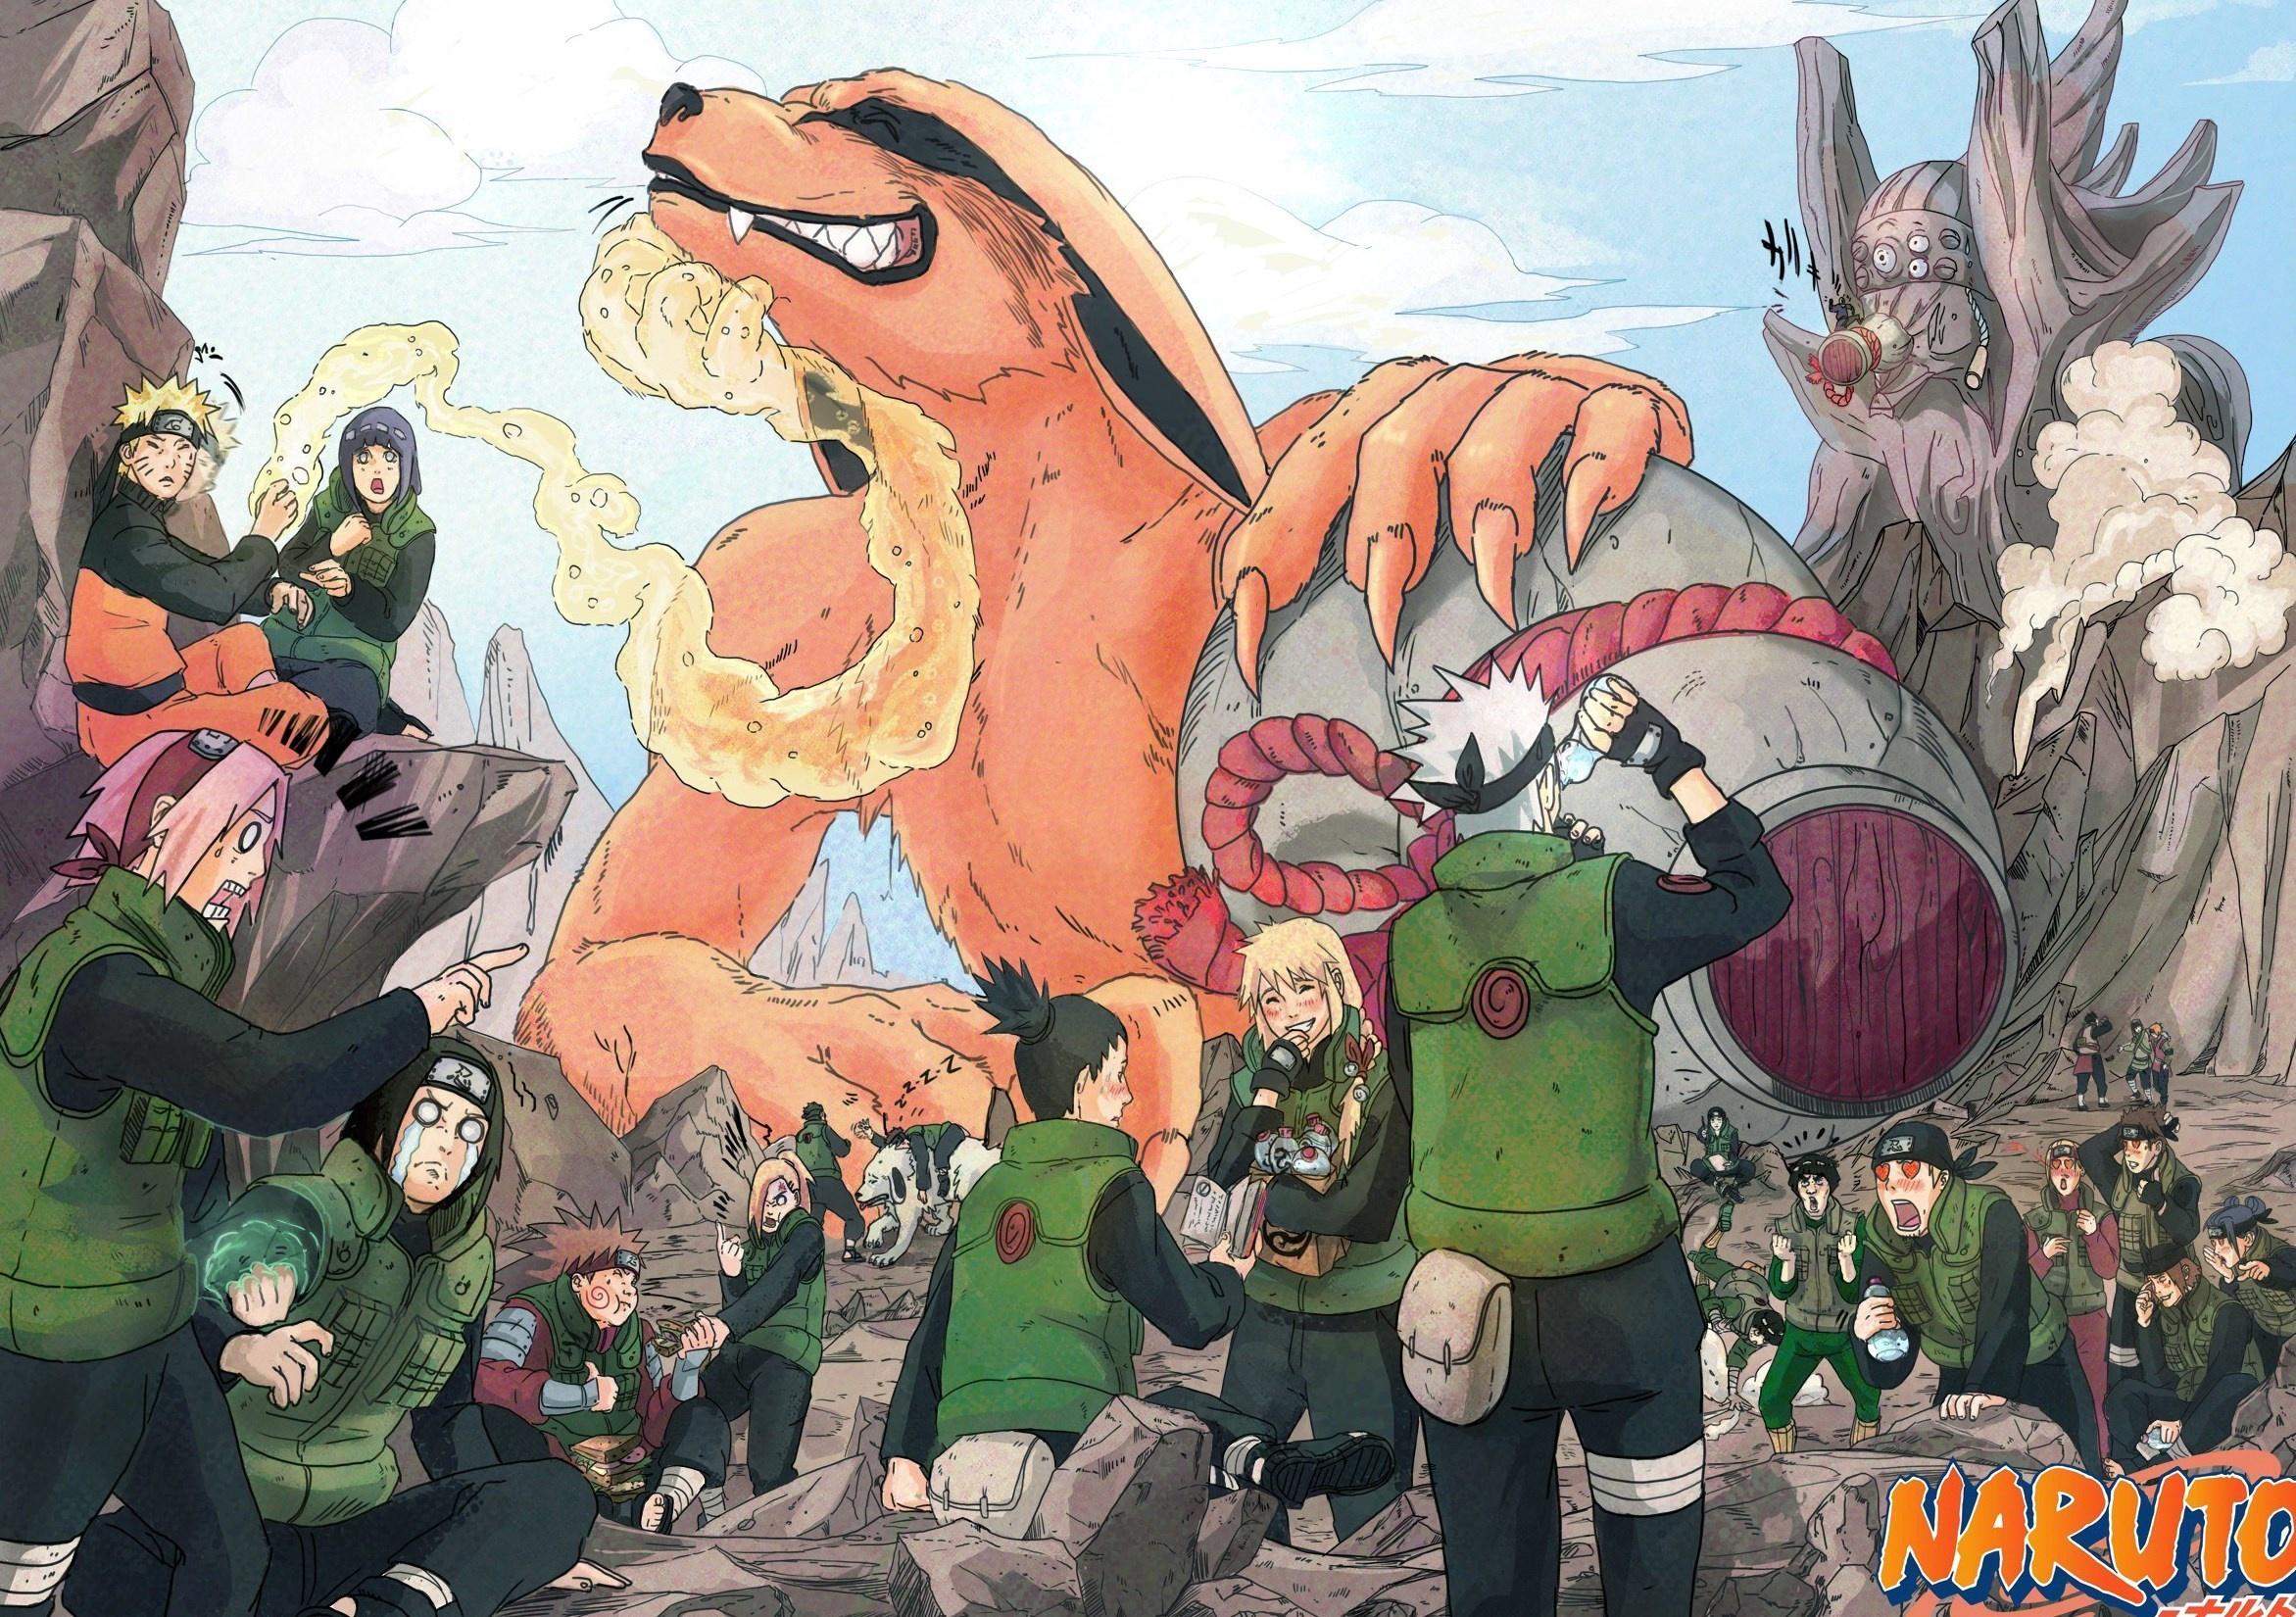 Hình nền Naruto và thế giới bạn bè